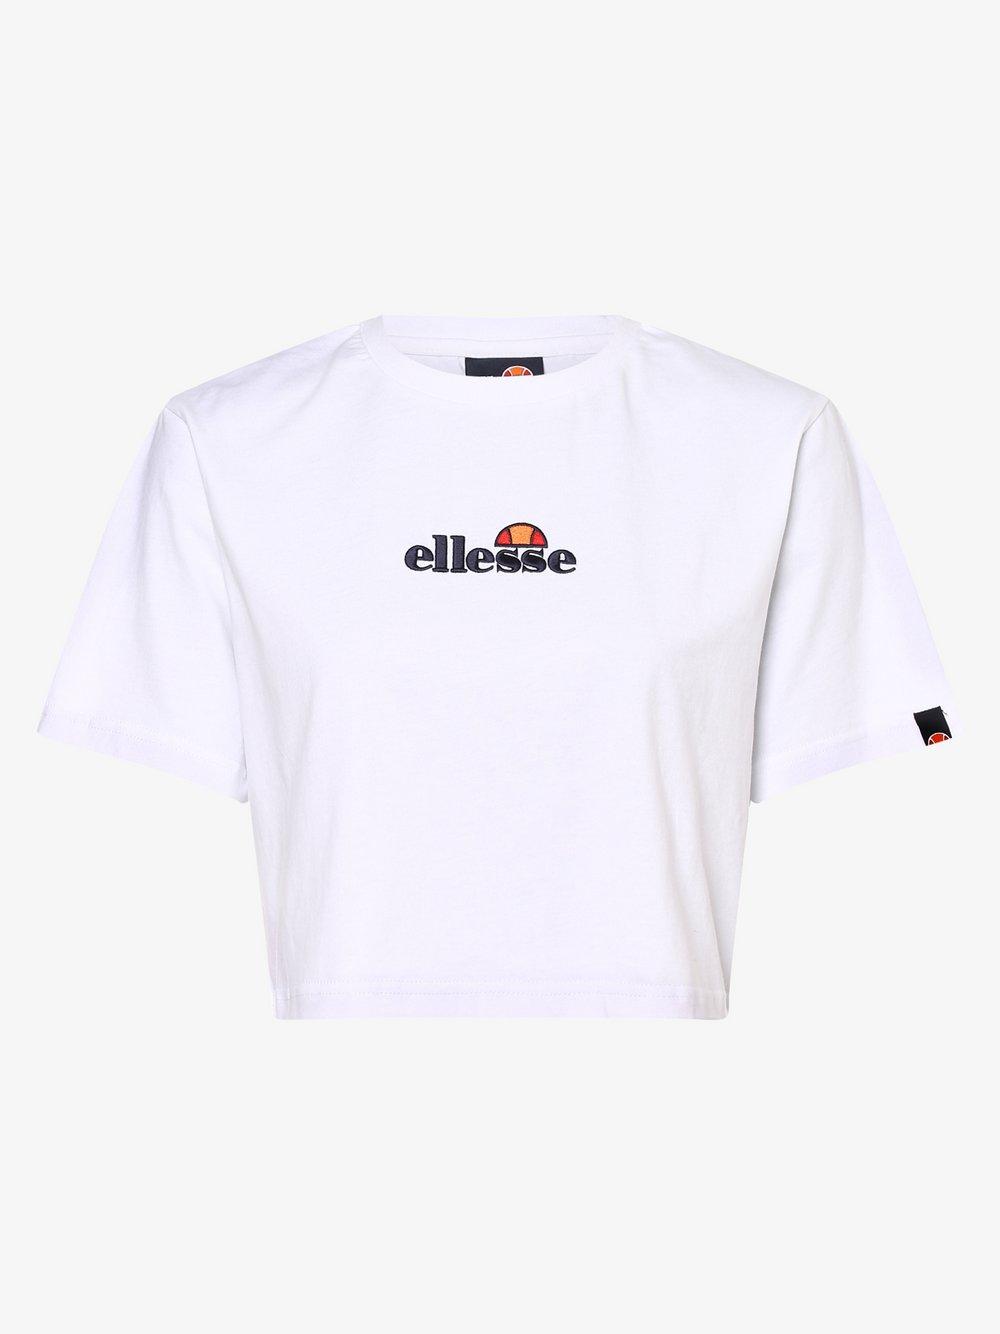 ellesse - T-shirt damski – Fireball, biały